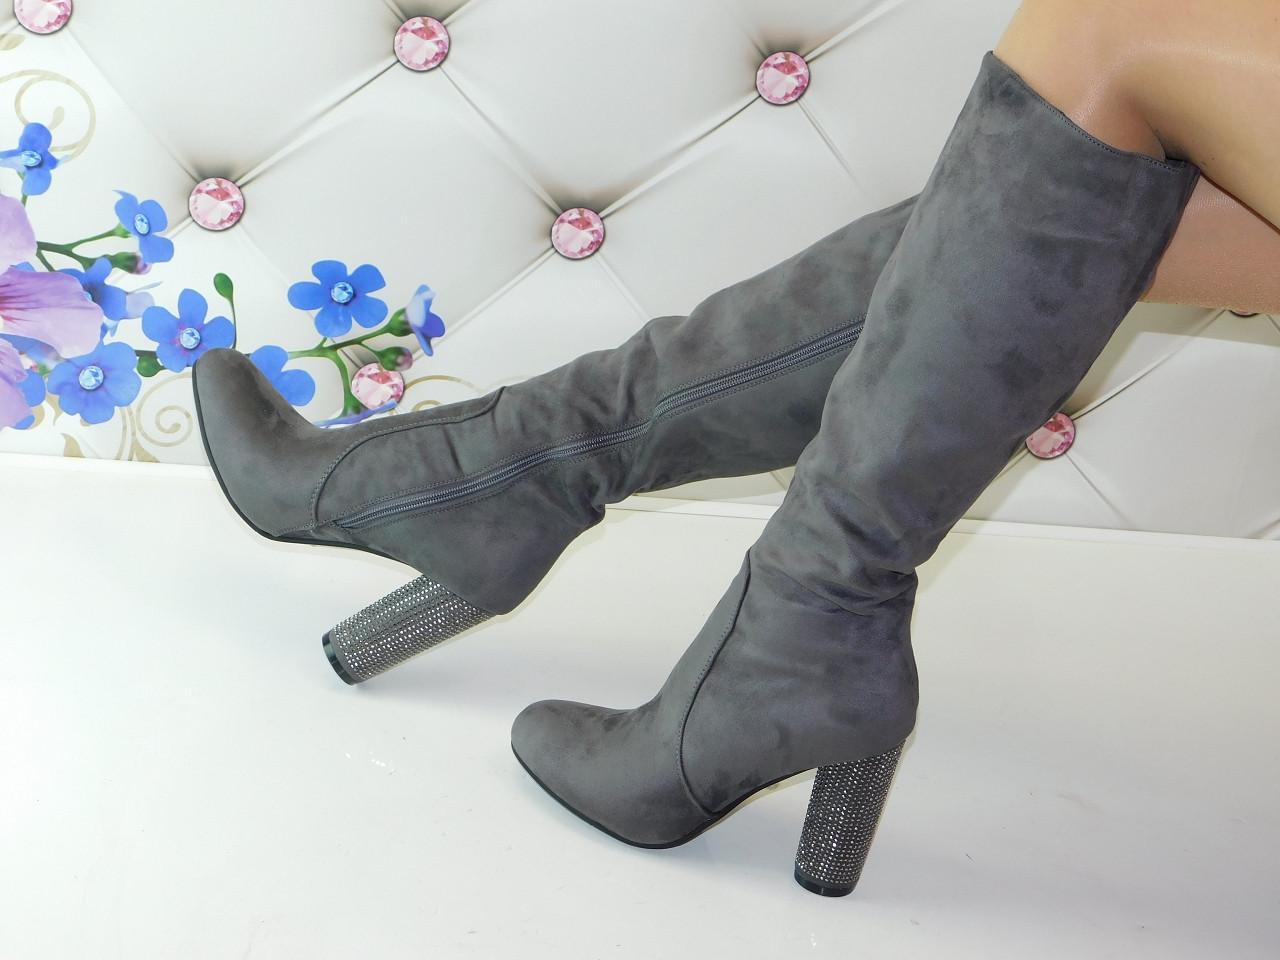 Сапоги женские осенние серые на толстом каблуке замшевые 36 размер -  магазин женской обуви Lady Vogue d9ba05ab4eabb